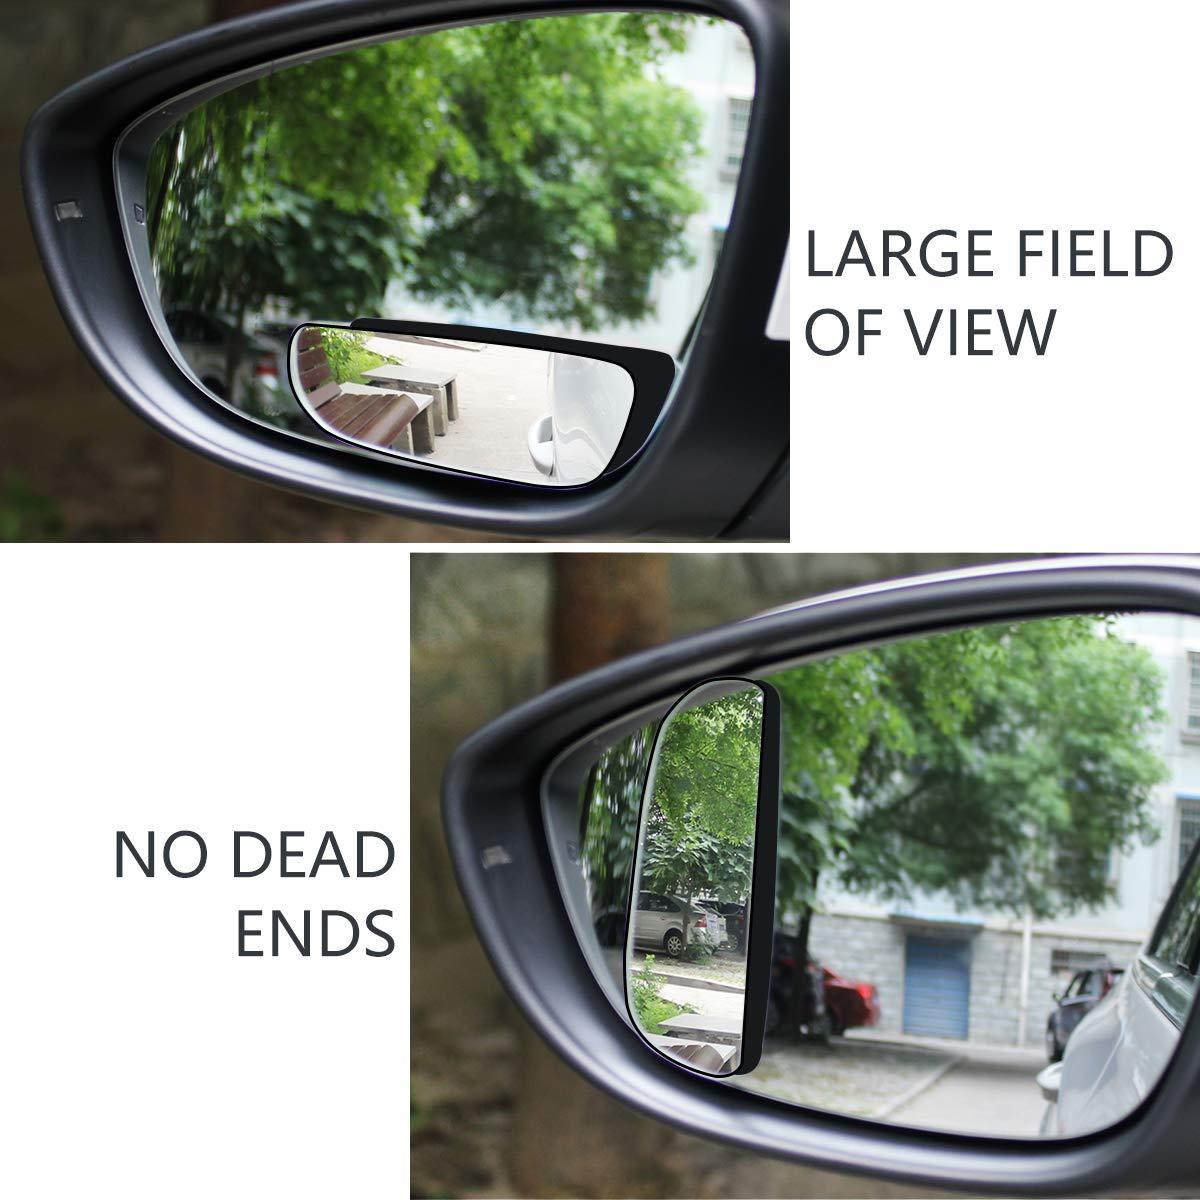 Rettangolo-2pcs WildAuto Specchio Retrovisore Aggiuntivo Grandangolo Specchietti per Angolo Morto Punto Cieco specchio retrovisore ausiliario Autoscuola,regolabile ad alta definizione